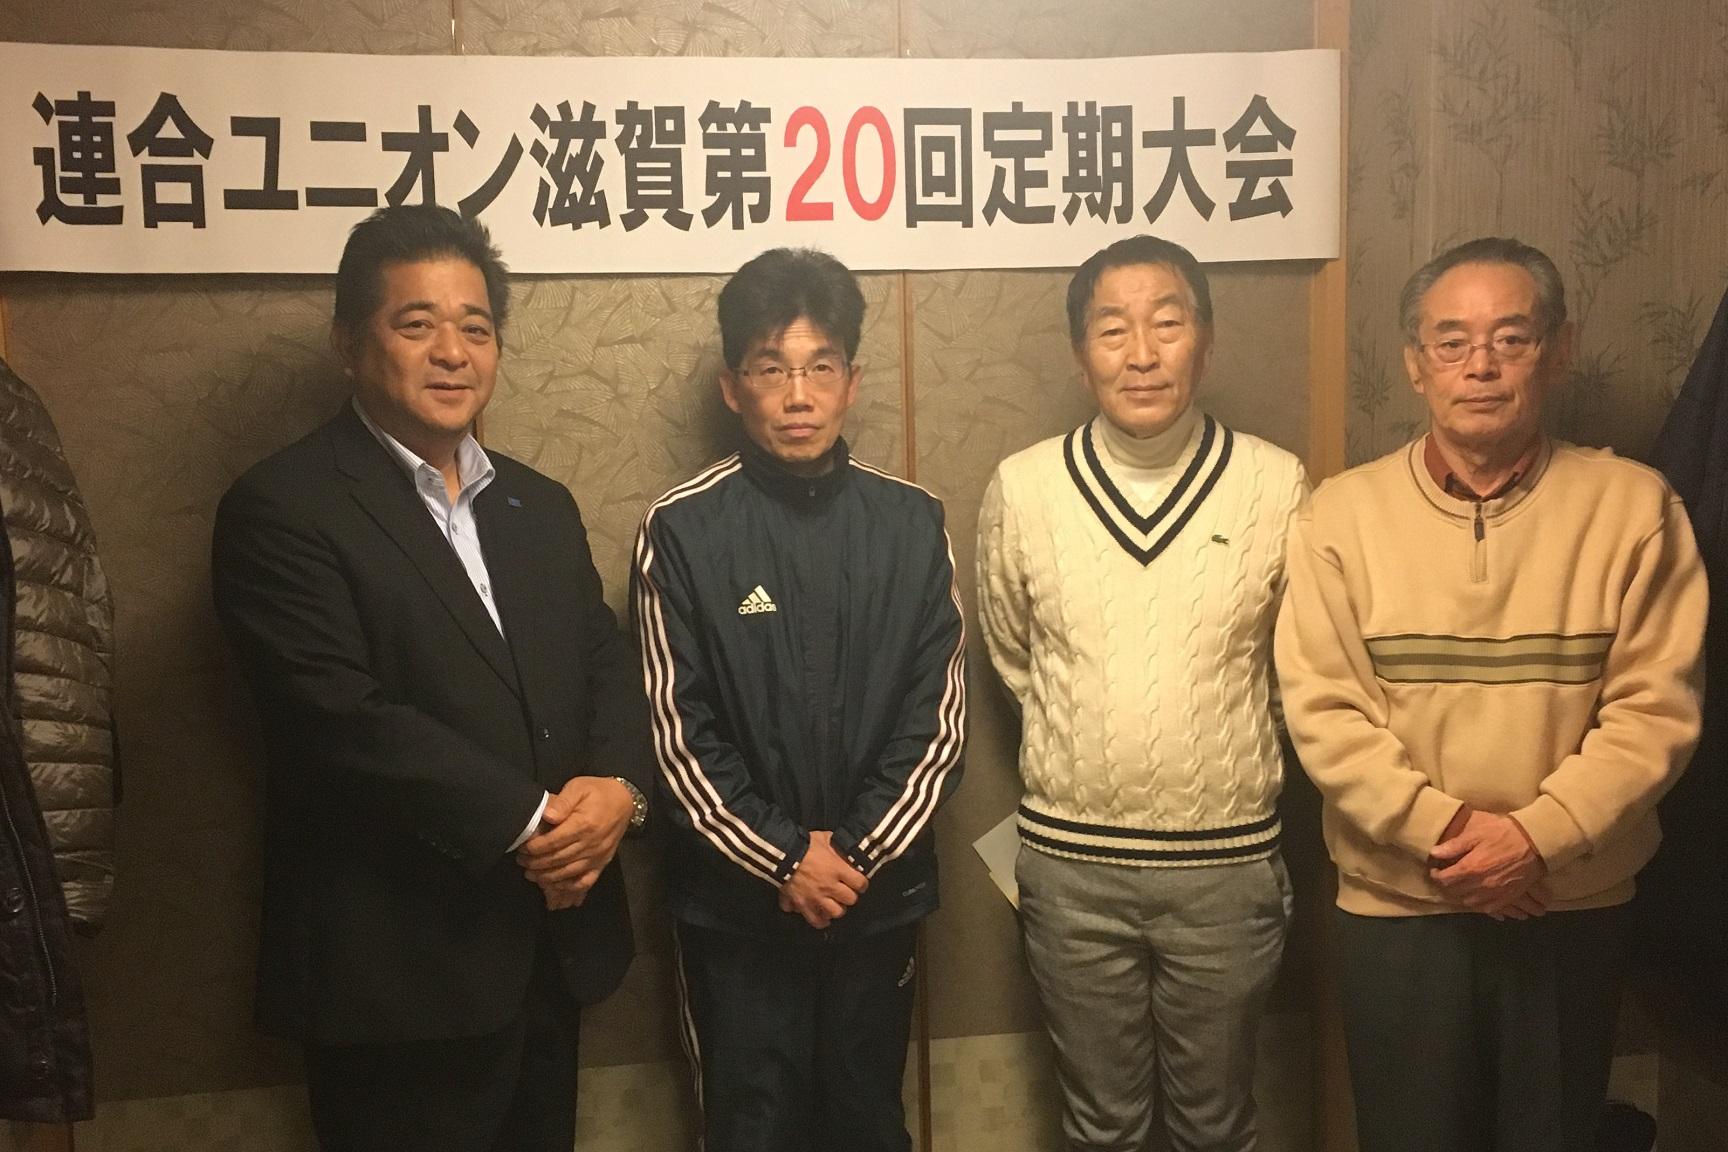 連合ユニオン滋賀第20回定期大会